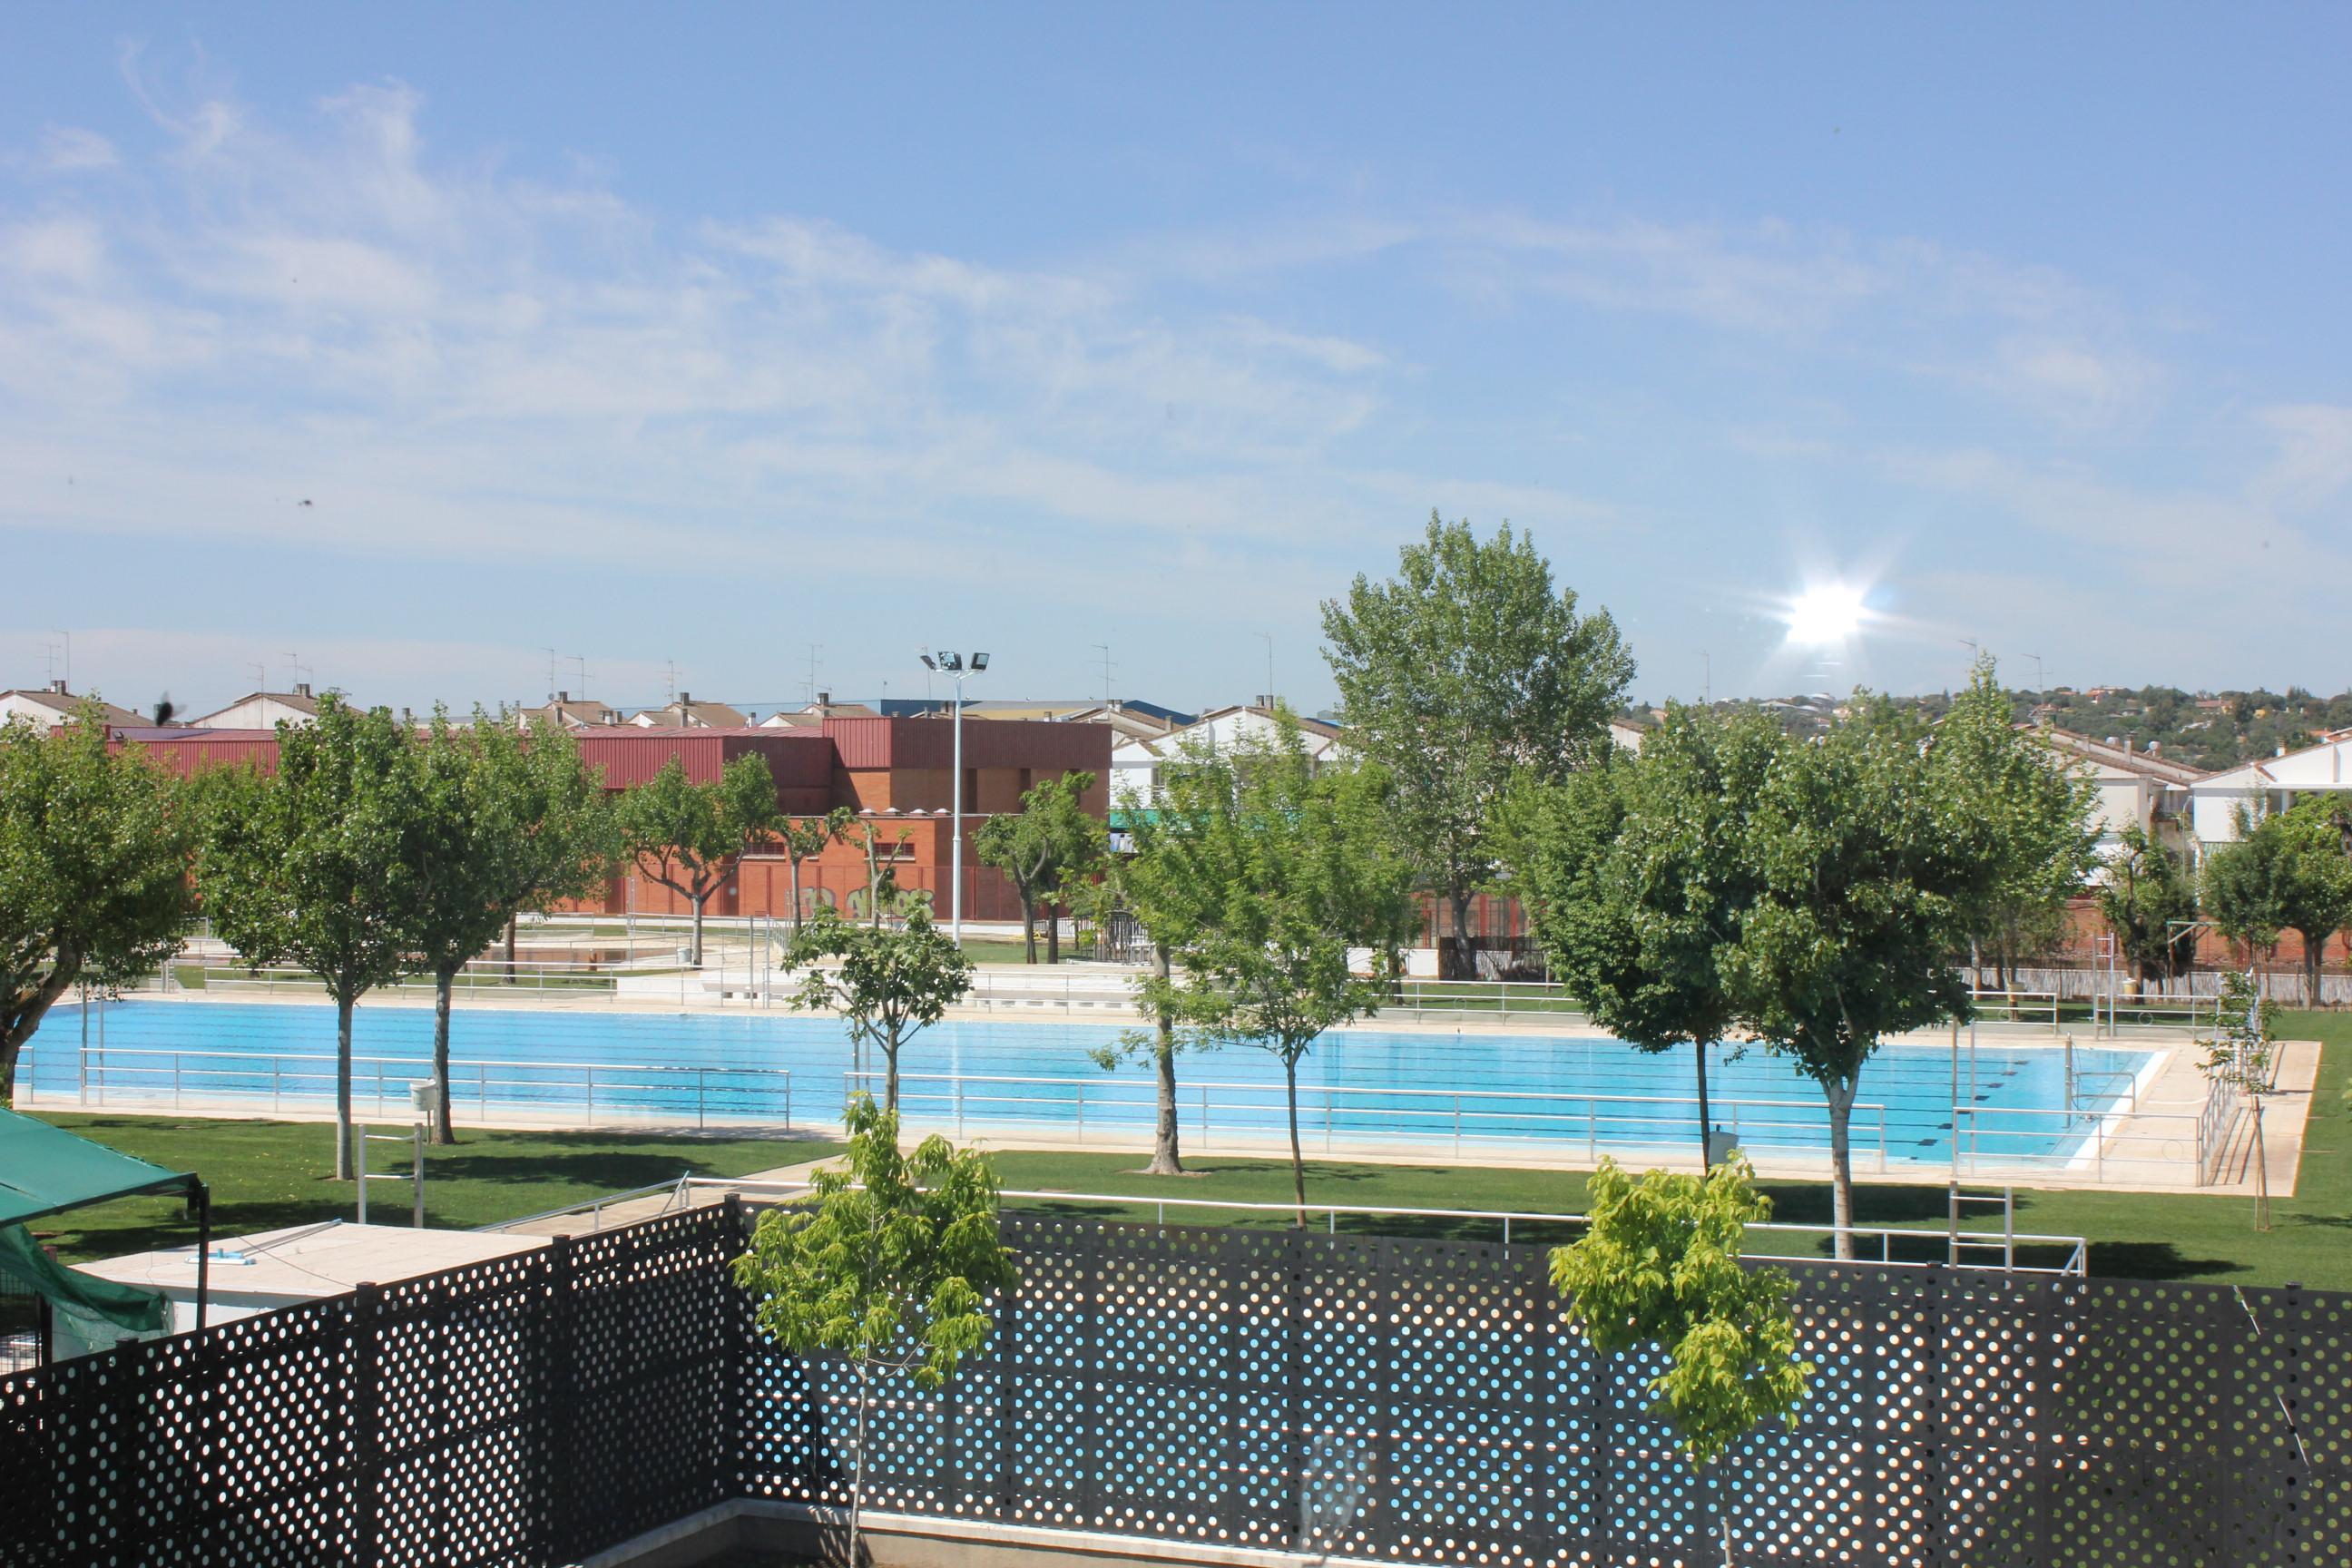 La piscina municipal lista para abrir el pr ximo d a 15 for Piscina municipal caceres